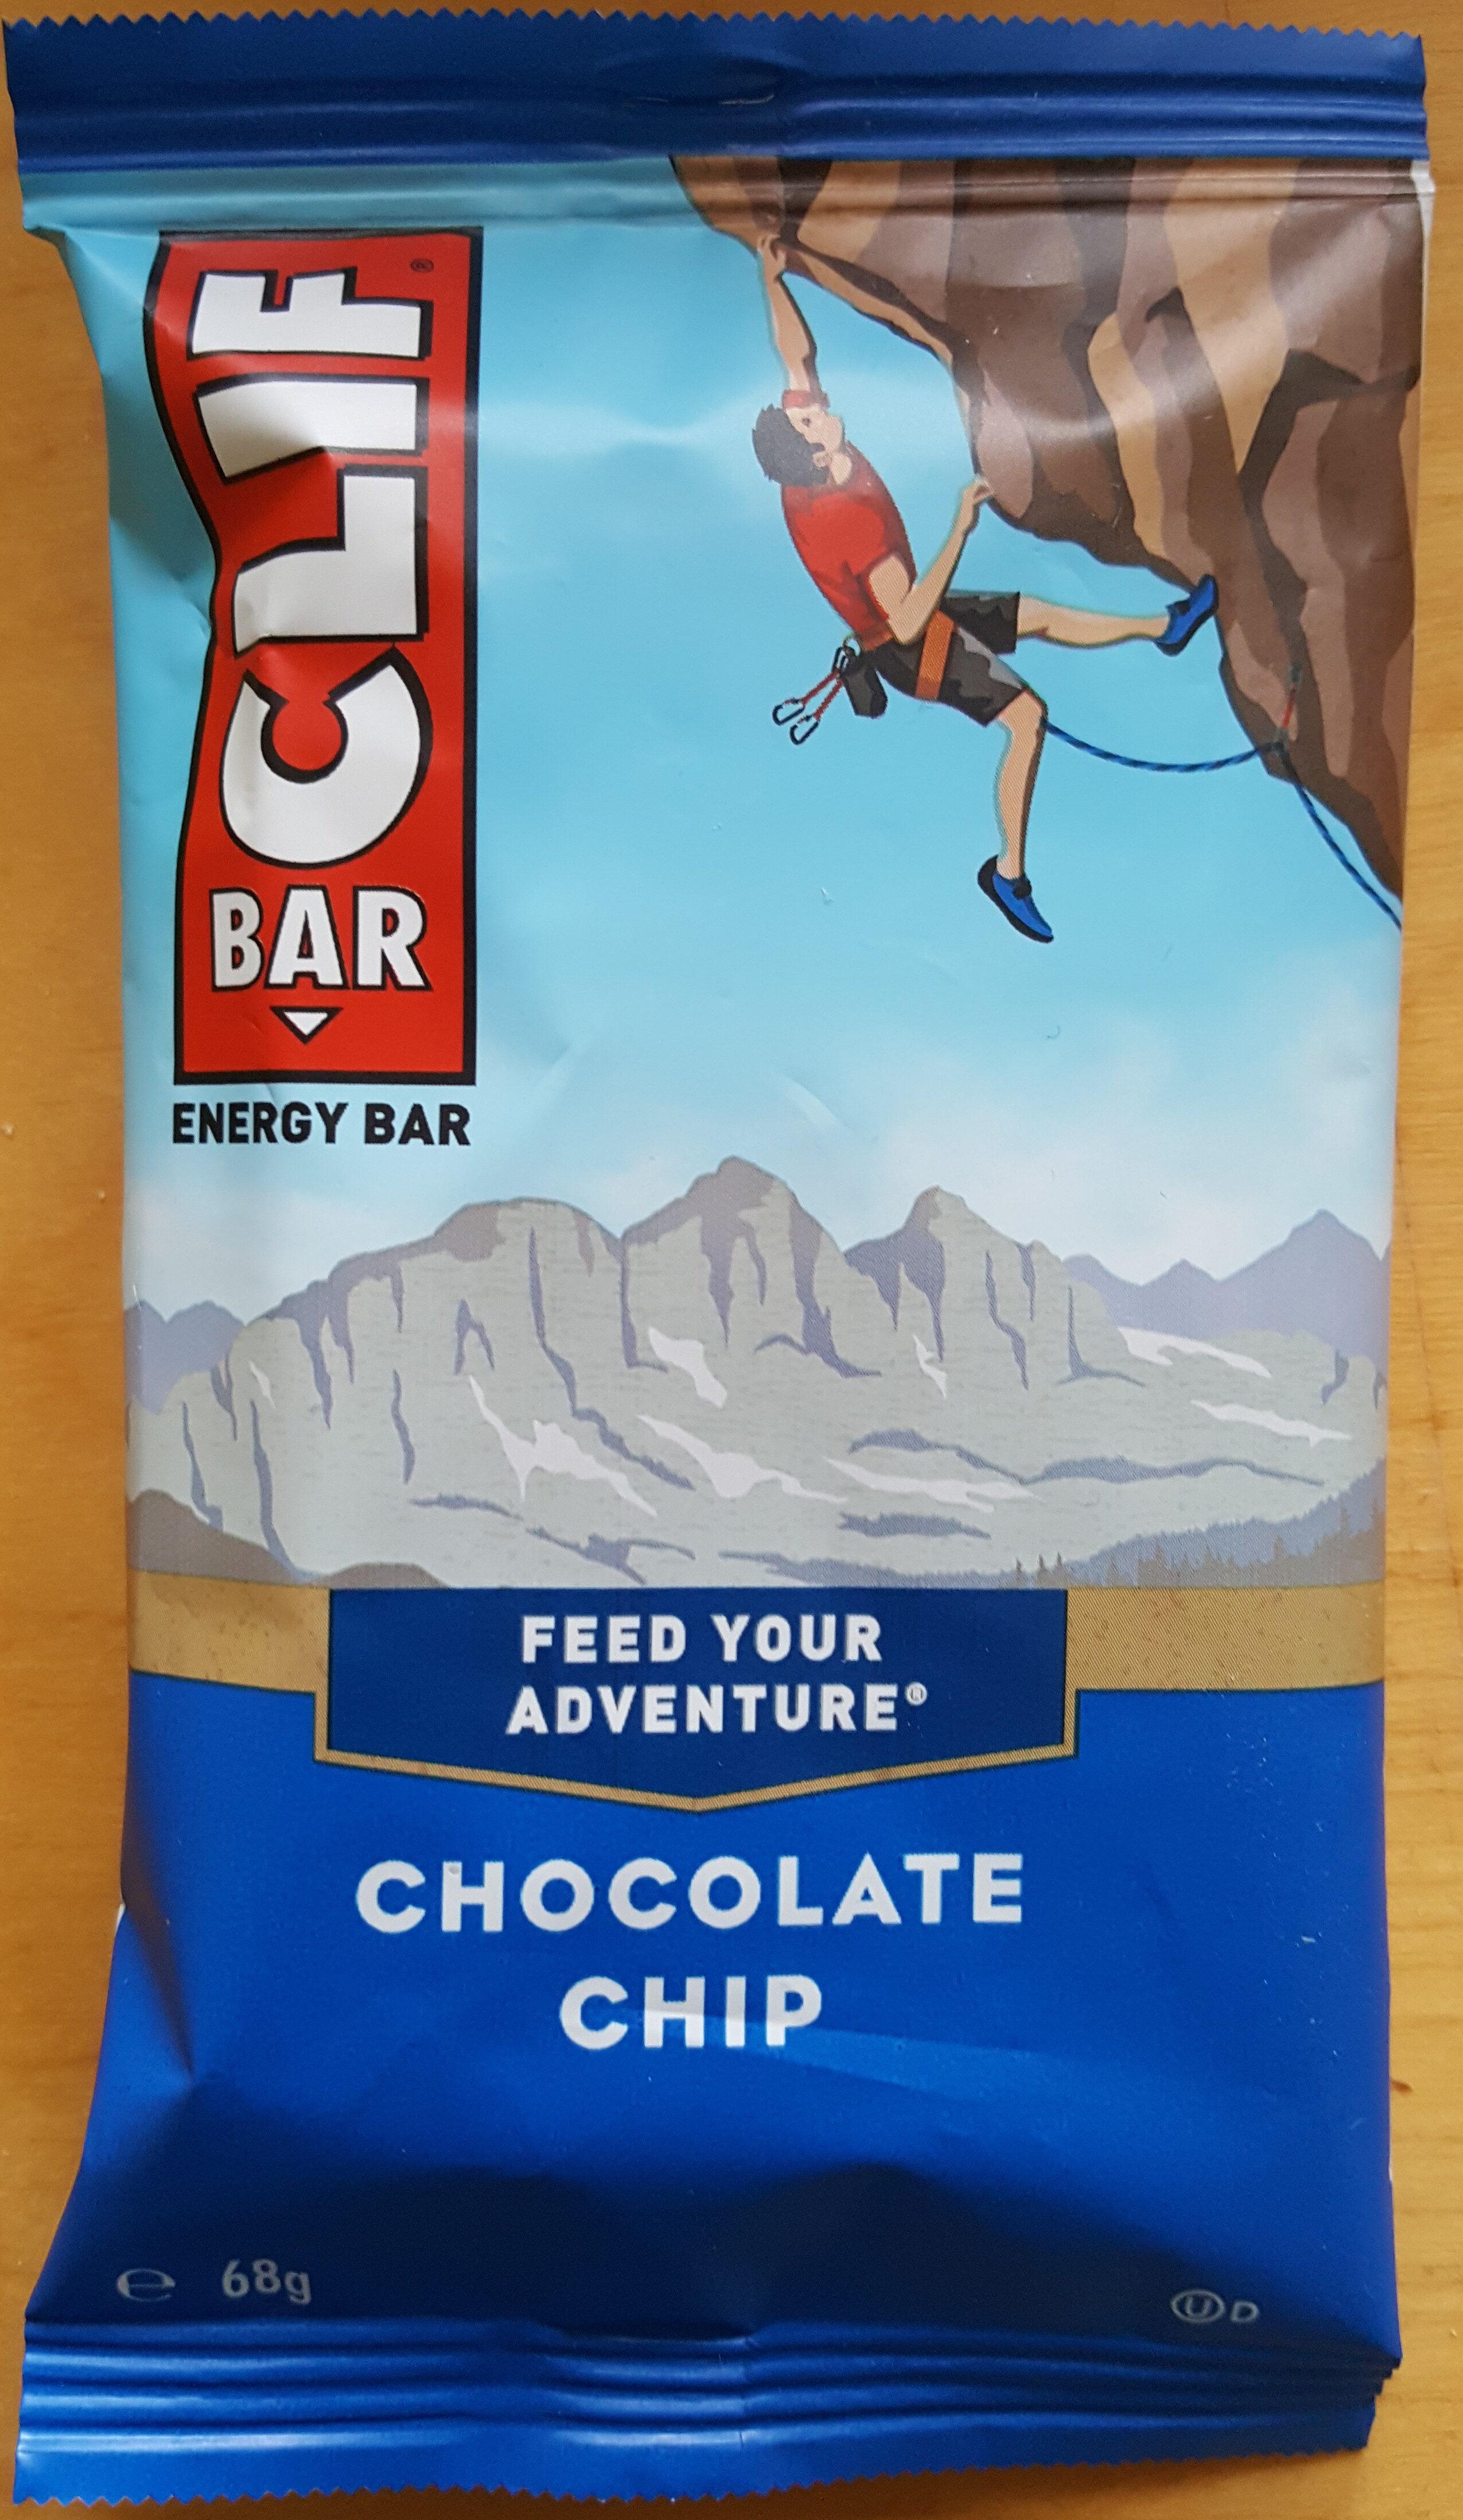 Chocolate Chip - Produit - en